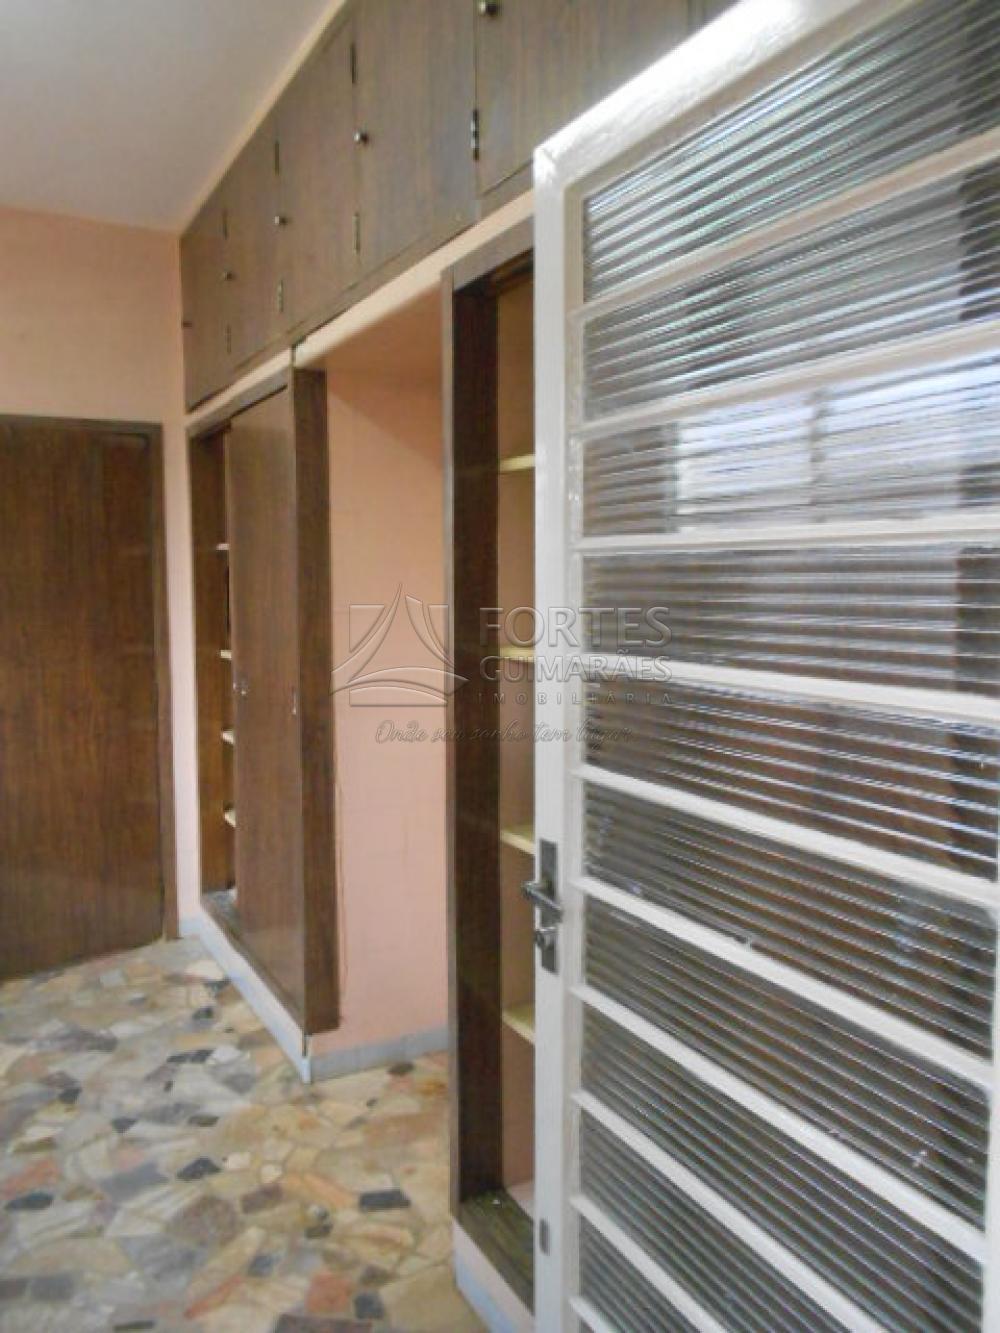 Alugar Comercial / Imóvel Comercial em Ribeirão Preto apenas R$ 3.000,00 - Foto 49